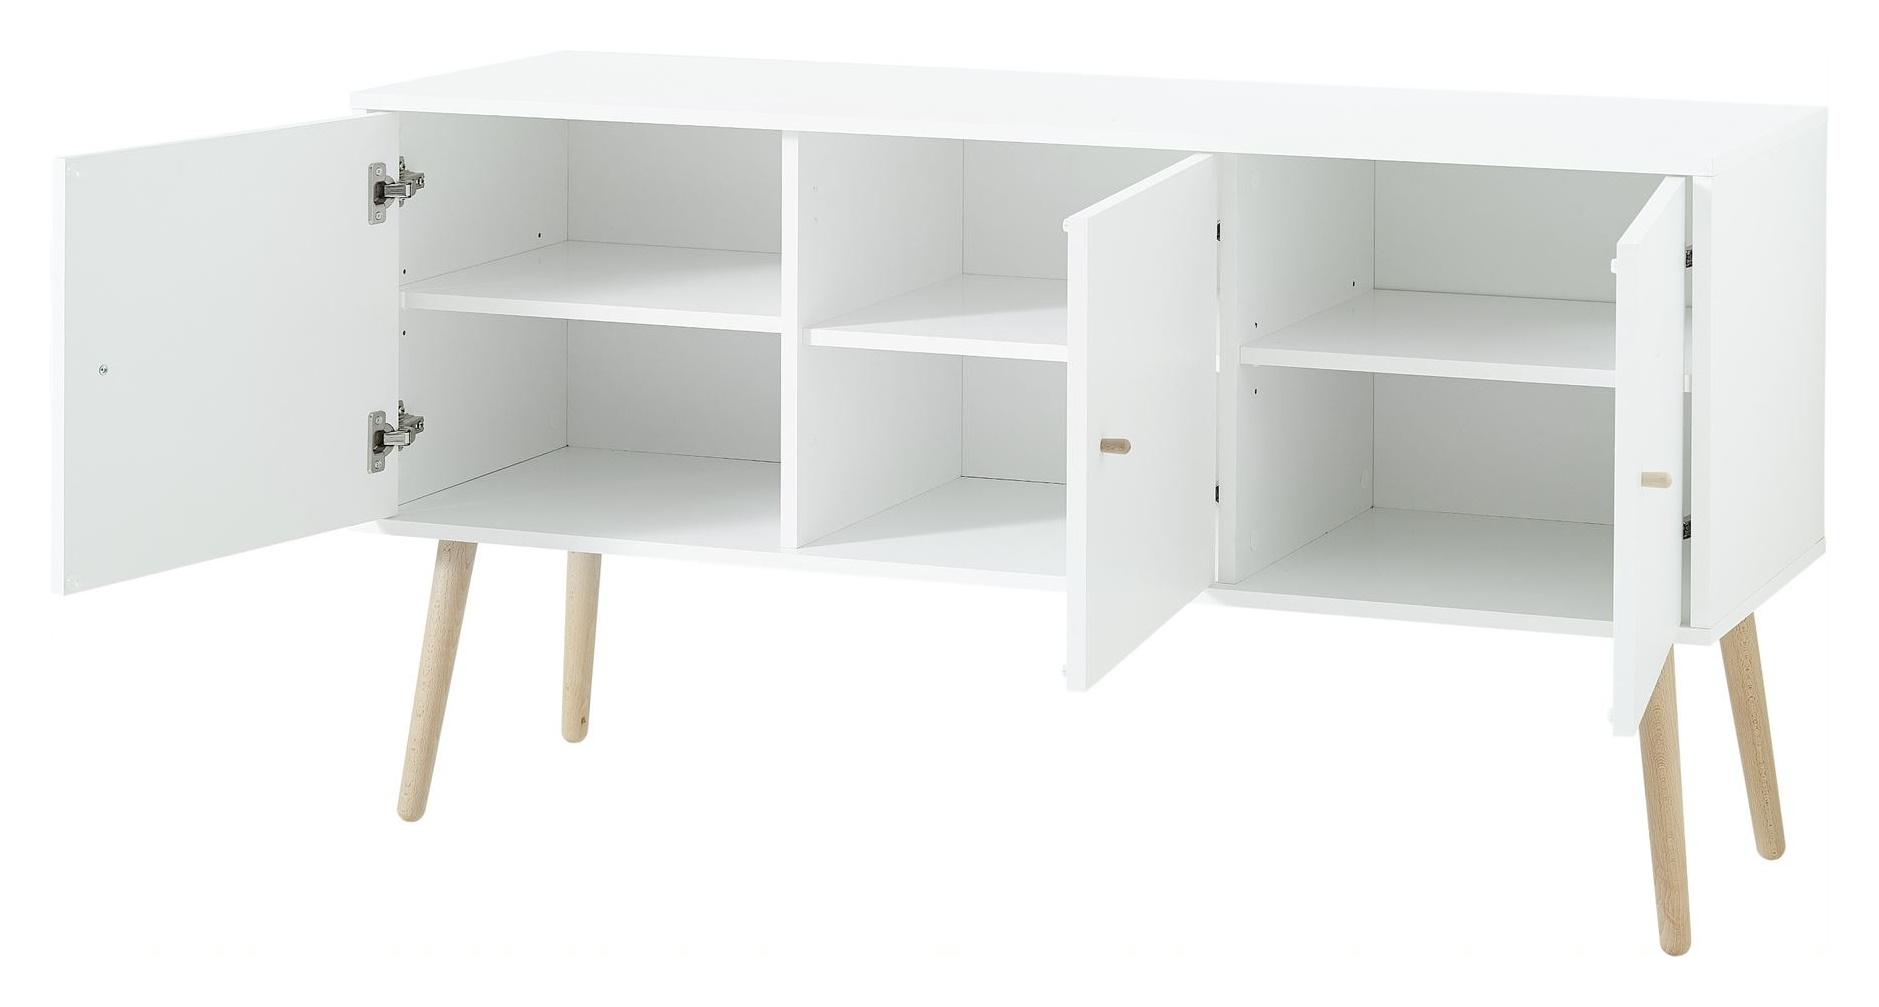 Kommode Teilmassiv Sideboard Wohnzimmer Holz Esszimmer Schrank